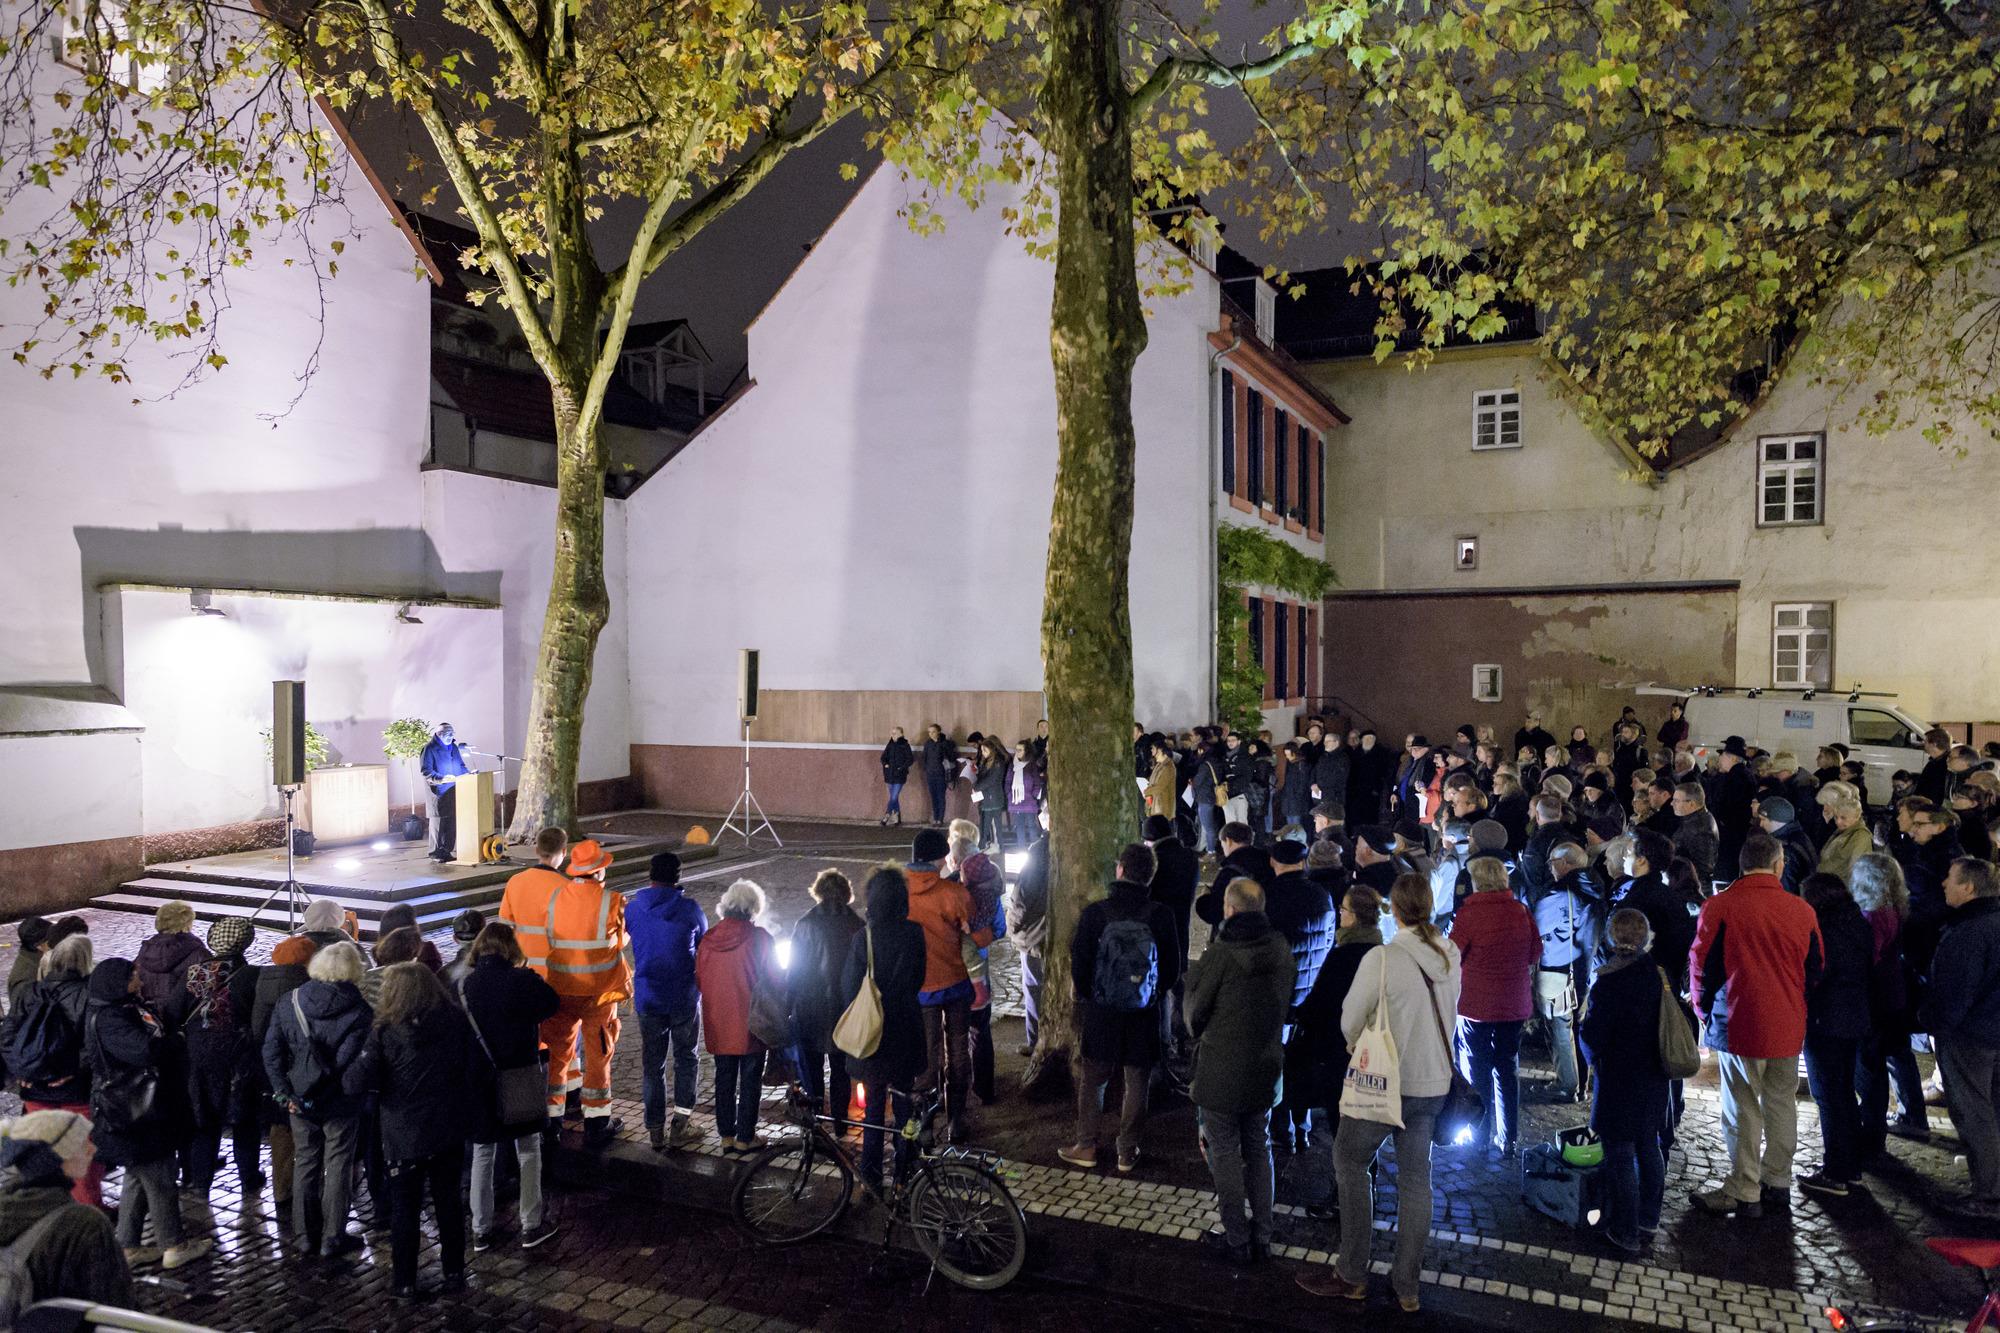 Gedenkfeier Zur Pogromnacht Auf Dem Synagogenplatz Erinnerung An